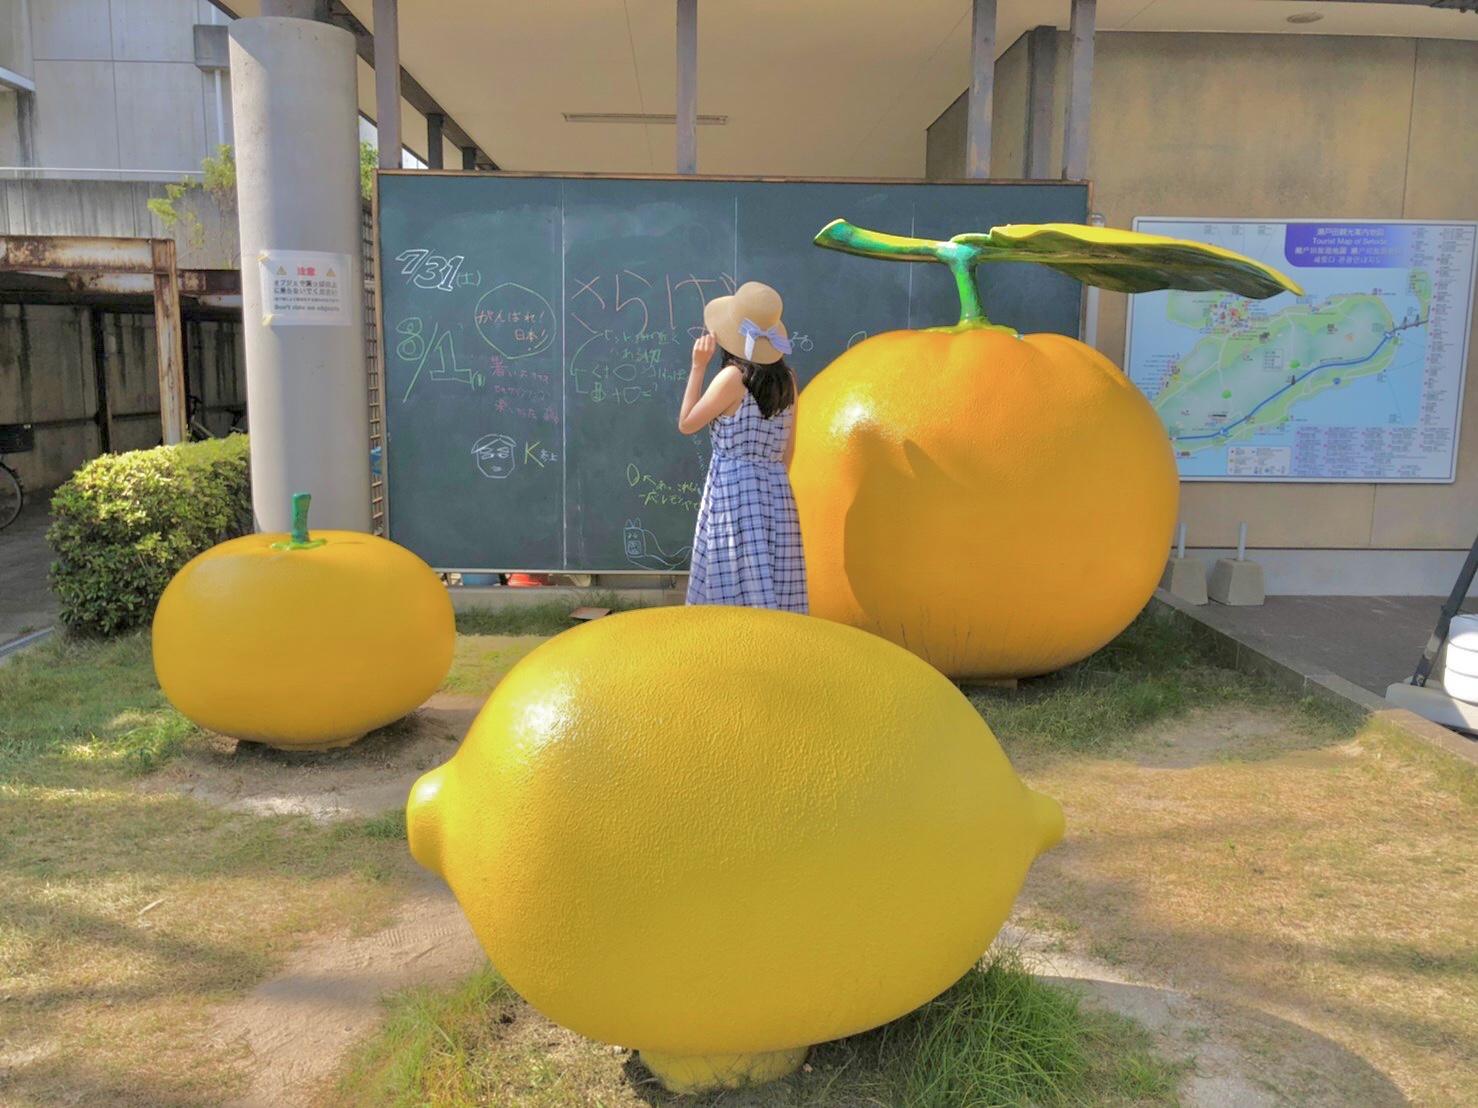 【女子旅でいくならここ】可愛すぎるネコとレモンの街、尾道 前編_3